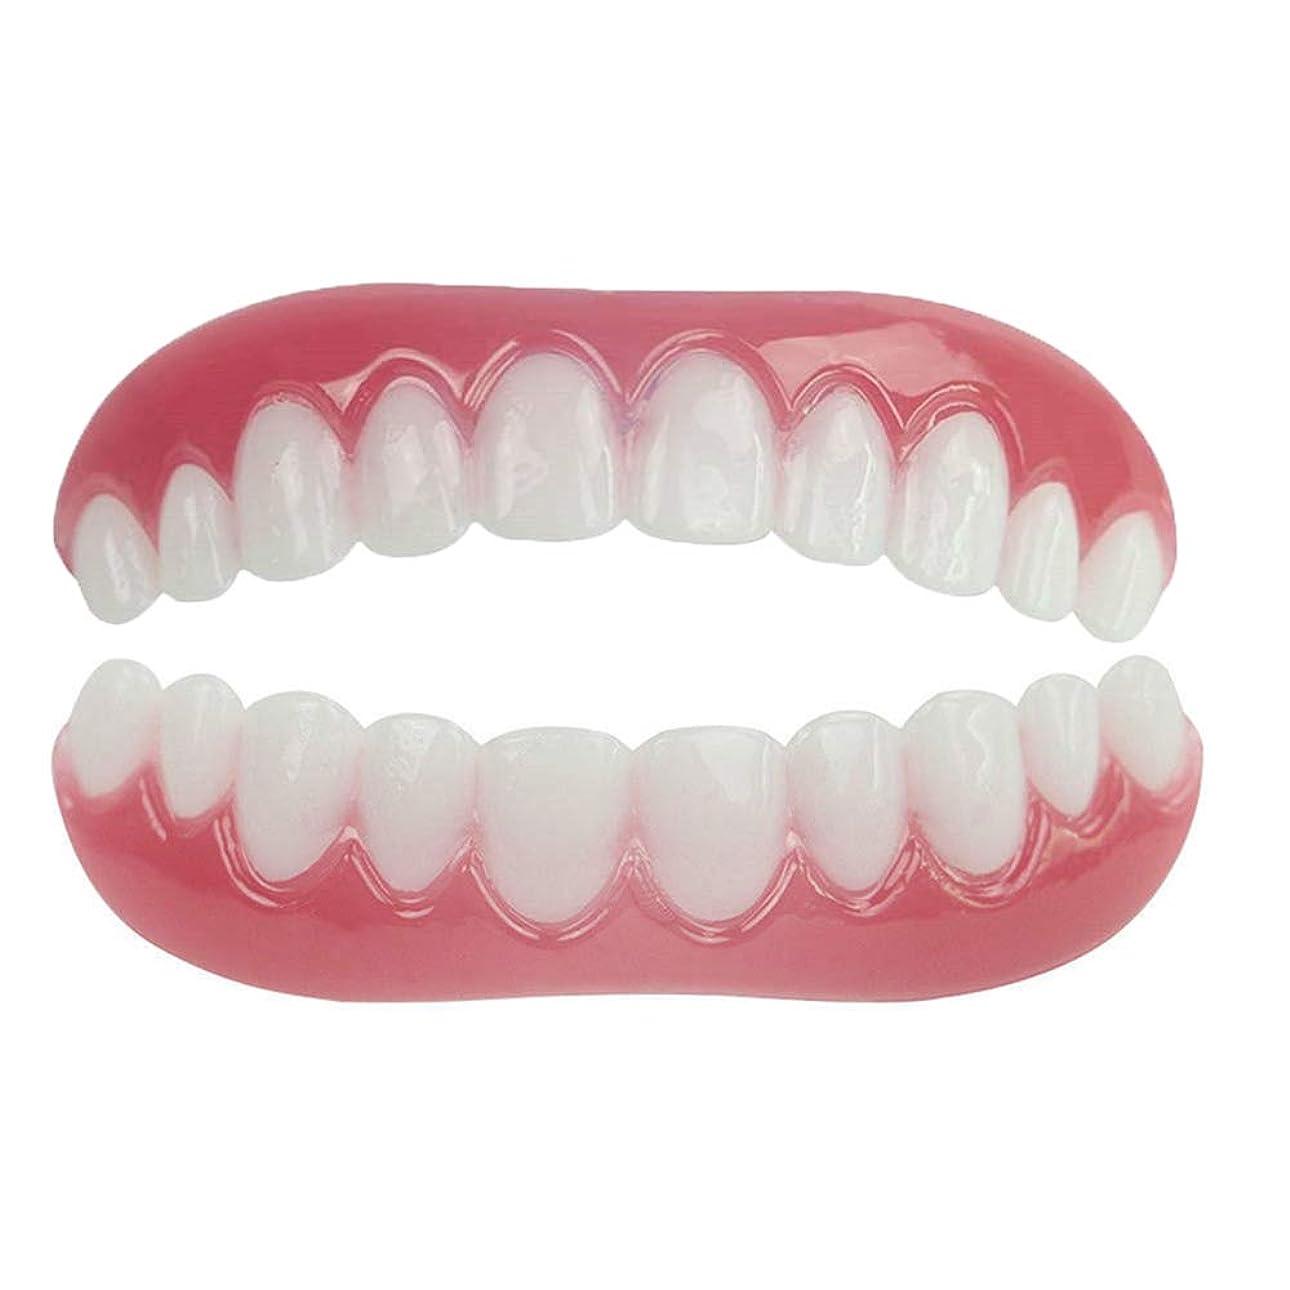 公然と配当ばかげているシリコンシミュレーションの上下の義歯スリーブ、歯科用ベニヤホワイトニングティーセット(2セット),Boxed,UpperLower